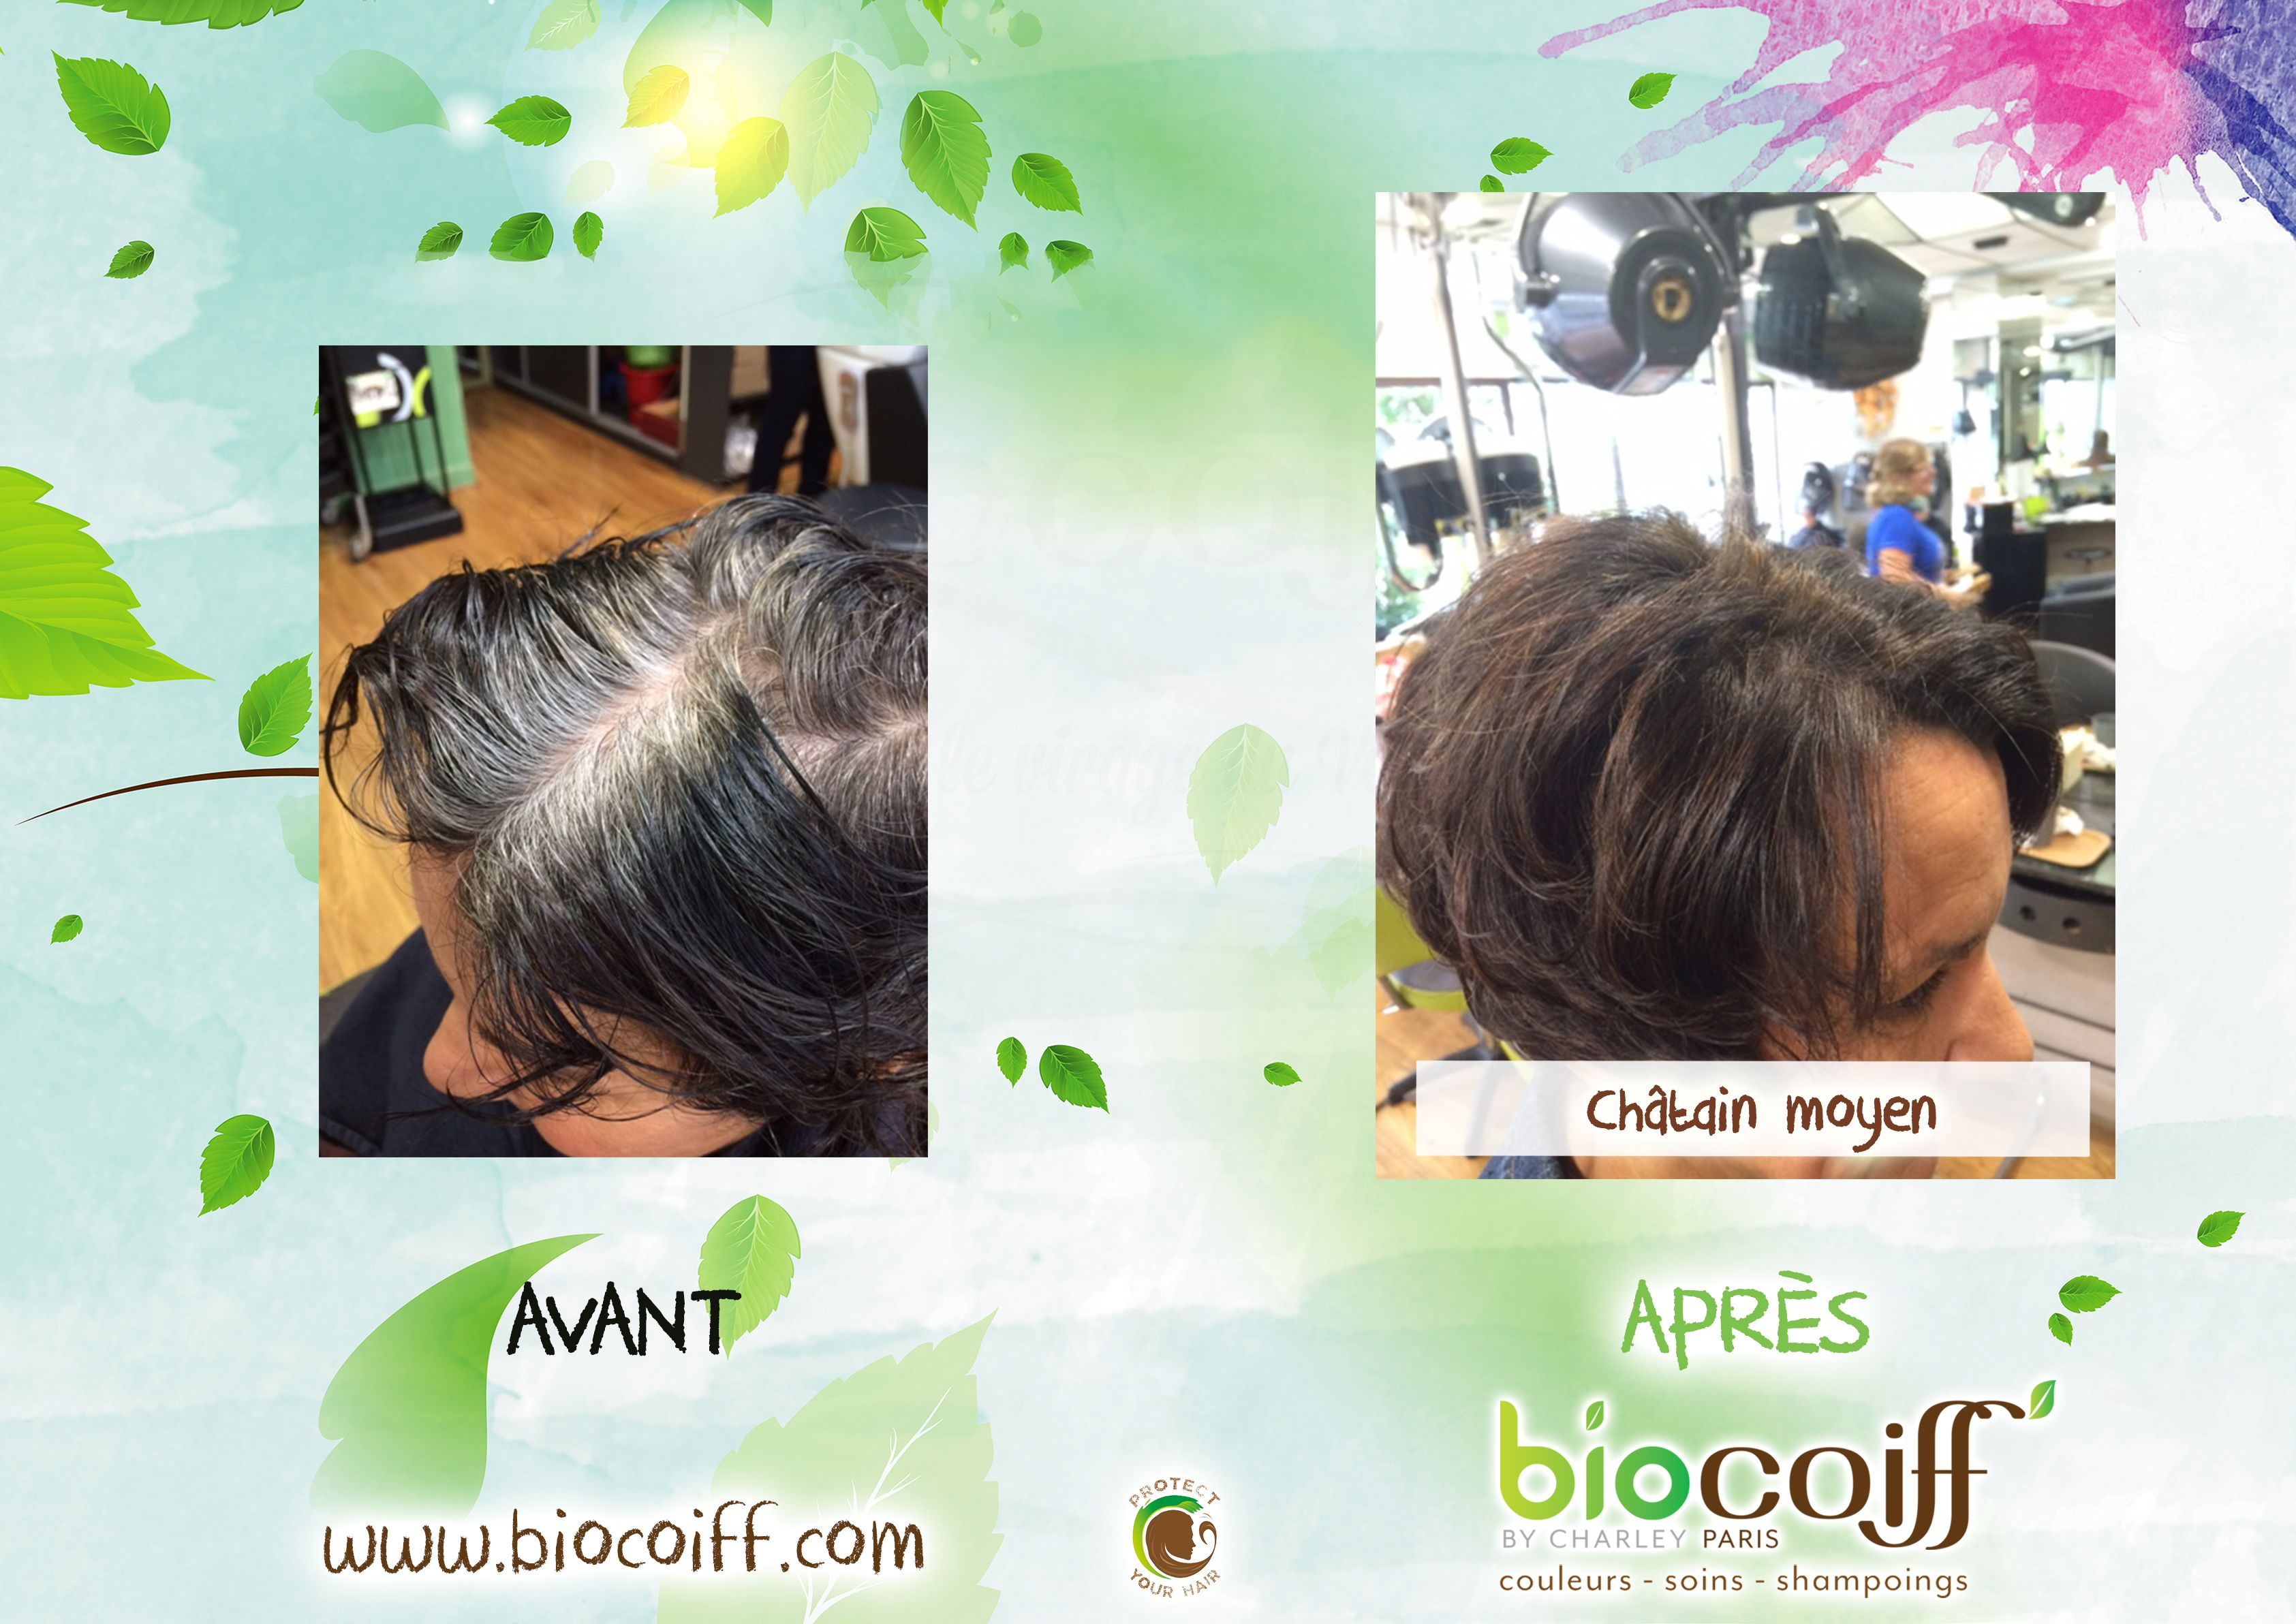 Chatain Moyen Par Notre Salon Du 13eme Arrondissement Chatain Naturel Plantes Coloration Coiffeur Bio Chatains Shampoing